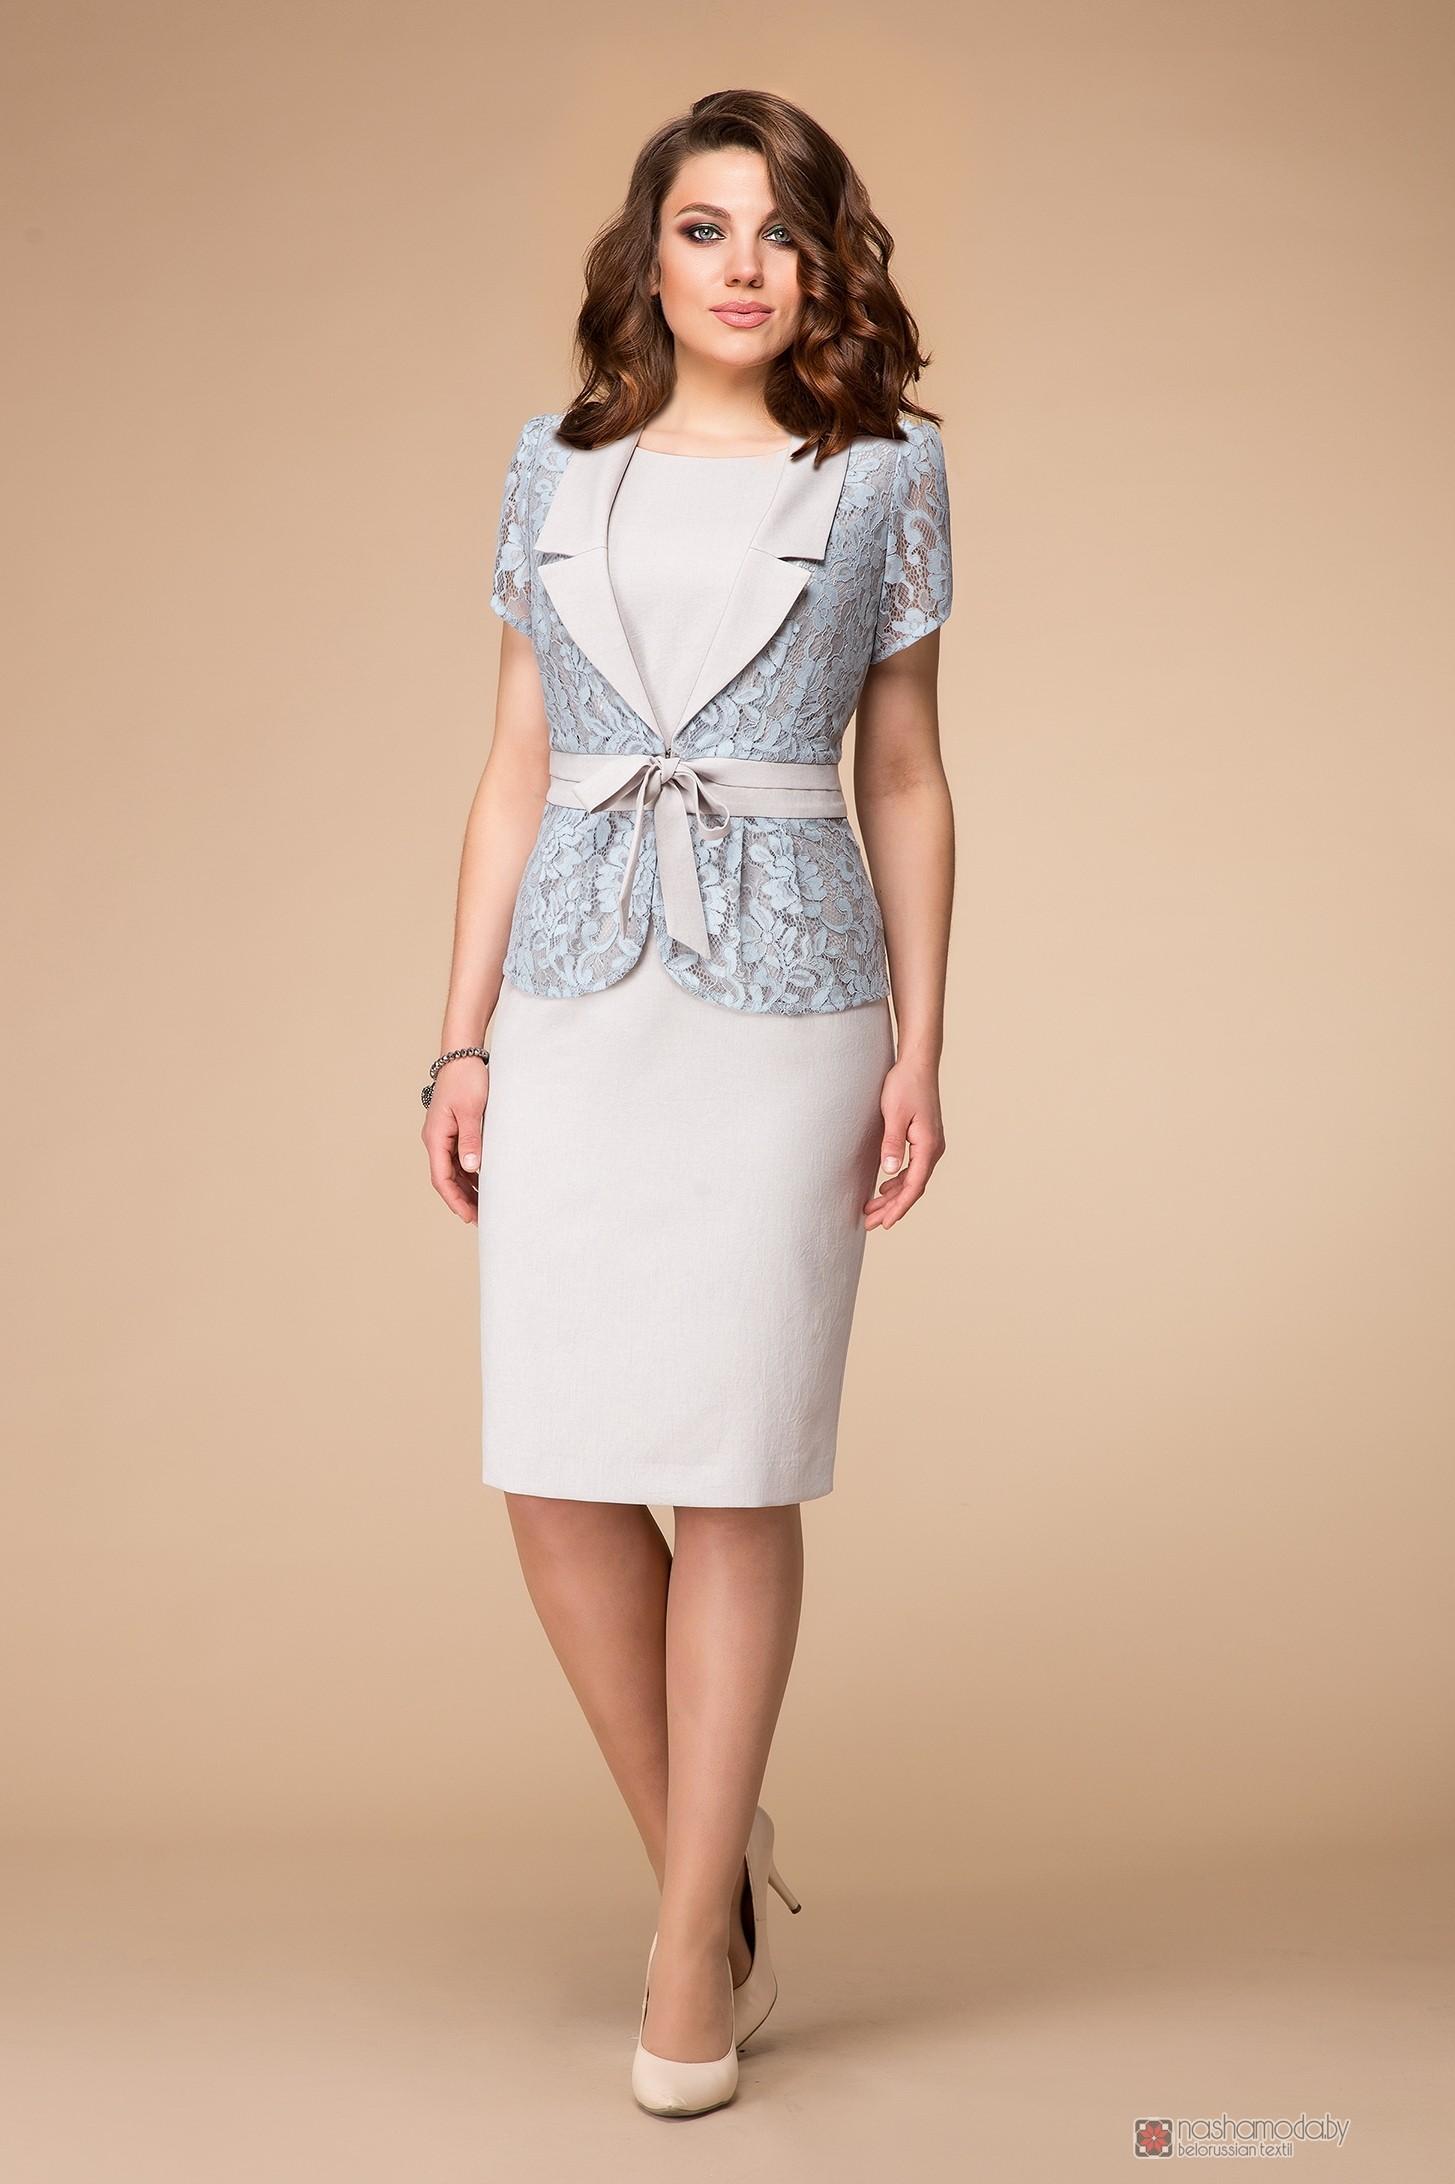 Женская одежда купить брест